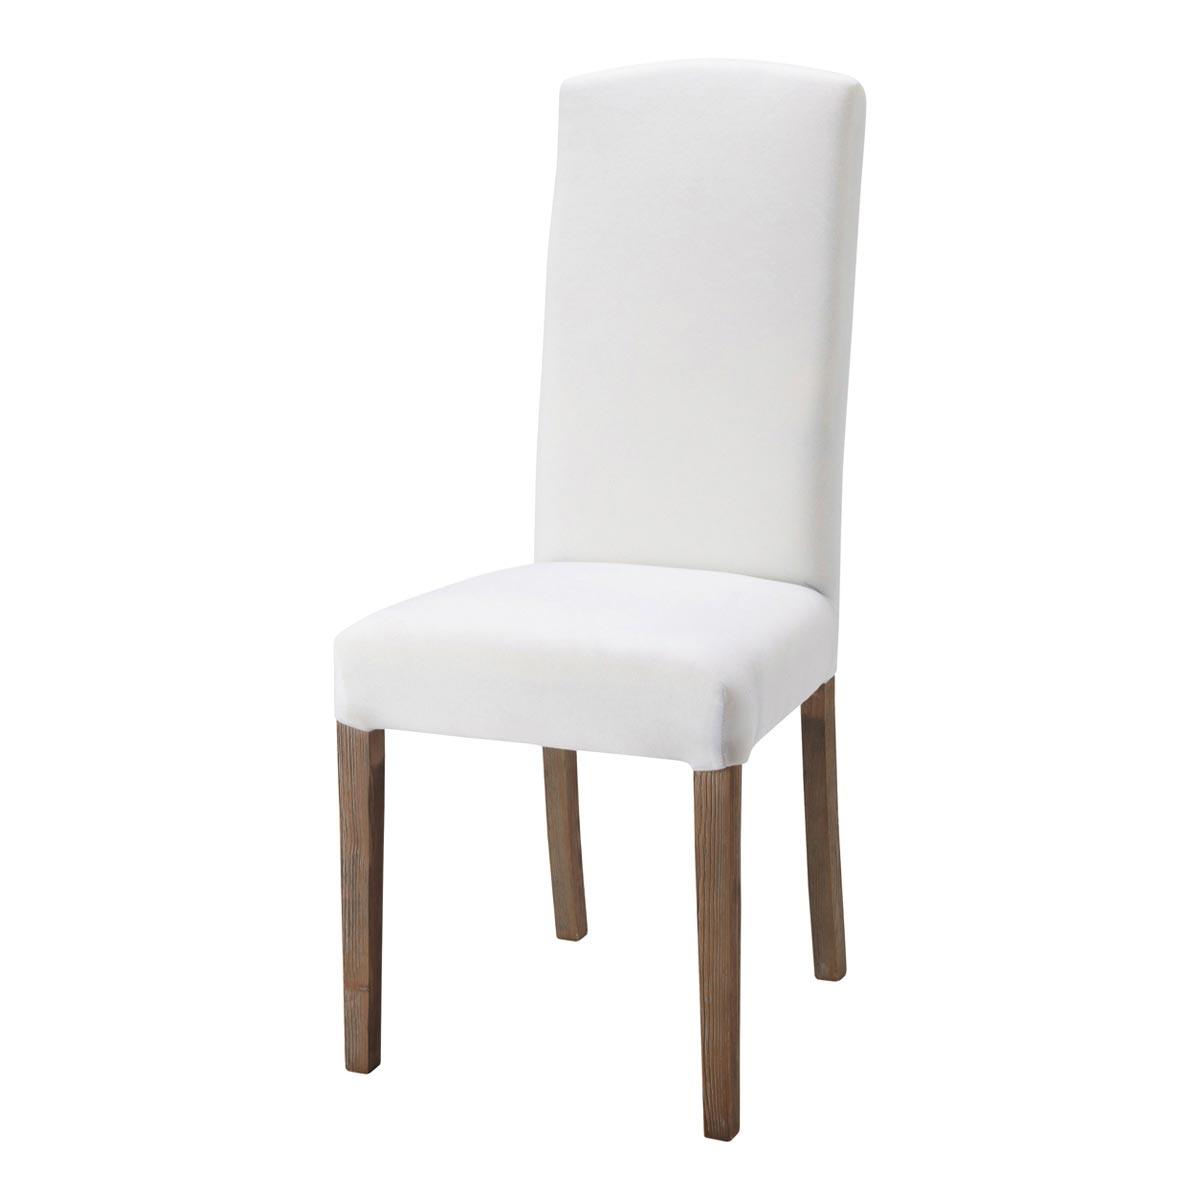 Chaise blanche en bois le monde de l a for Le monde de la chaise